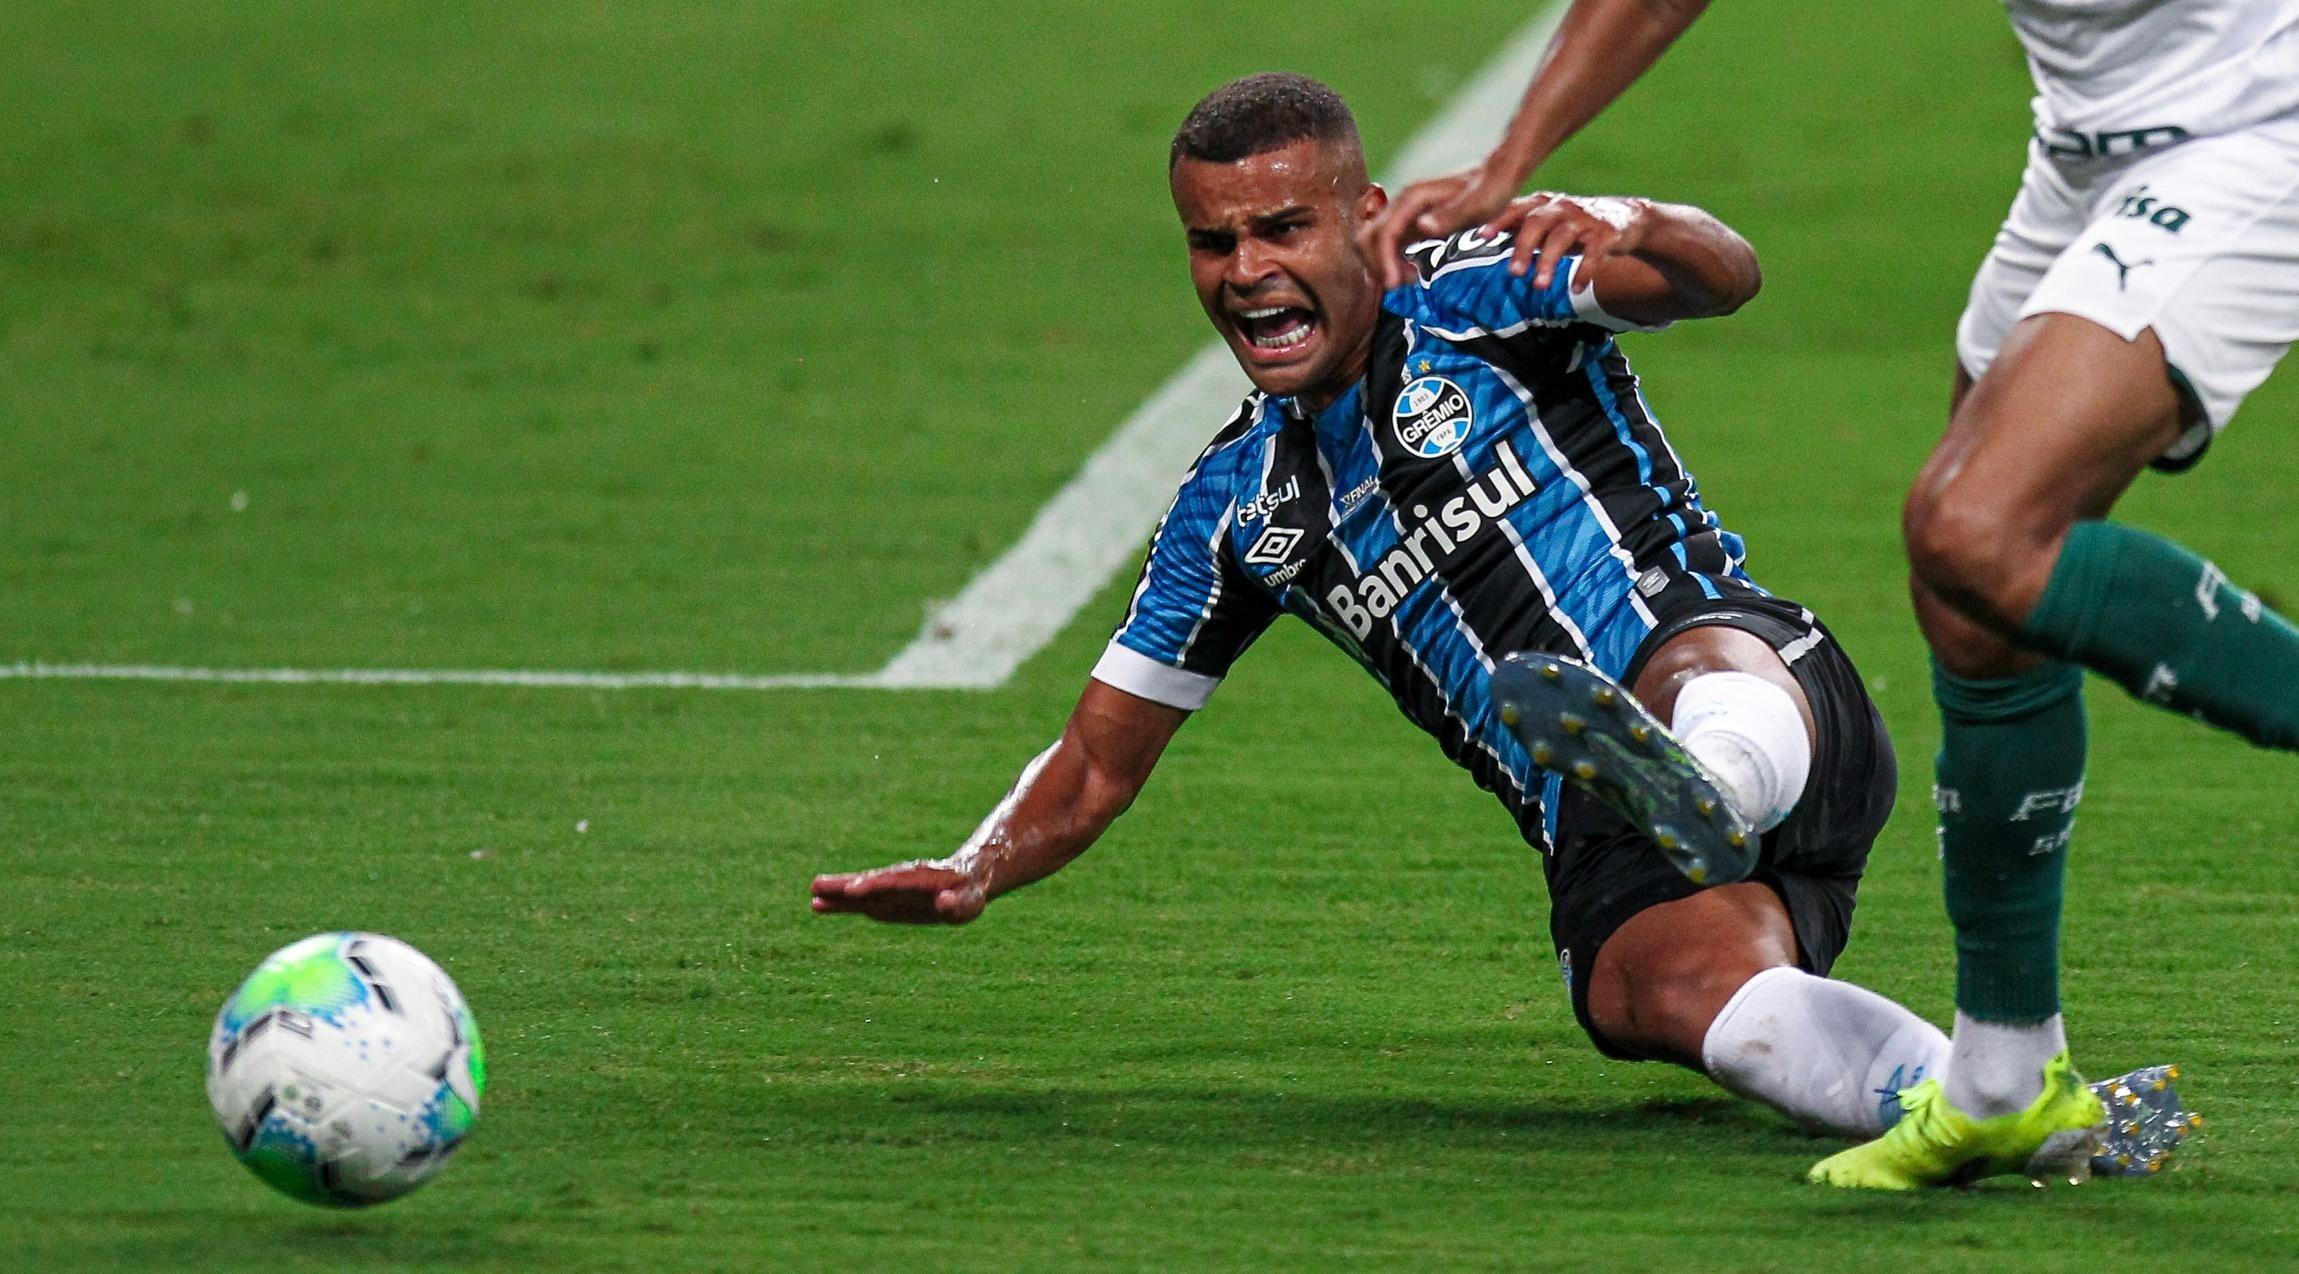 Alisson também tem seus direitos ligados ao clube mineiro - Foto: Fernando Alves/AGIF.